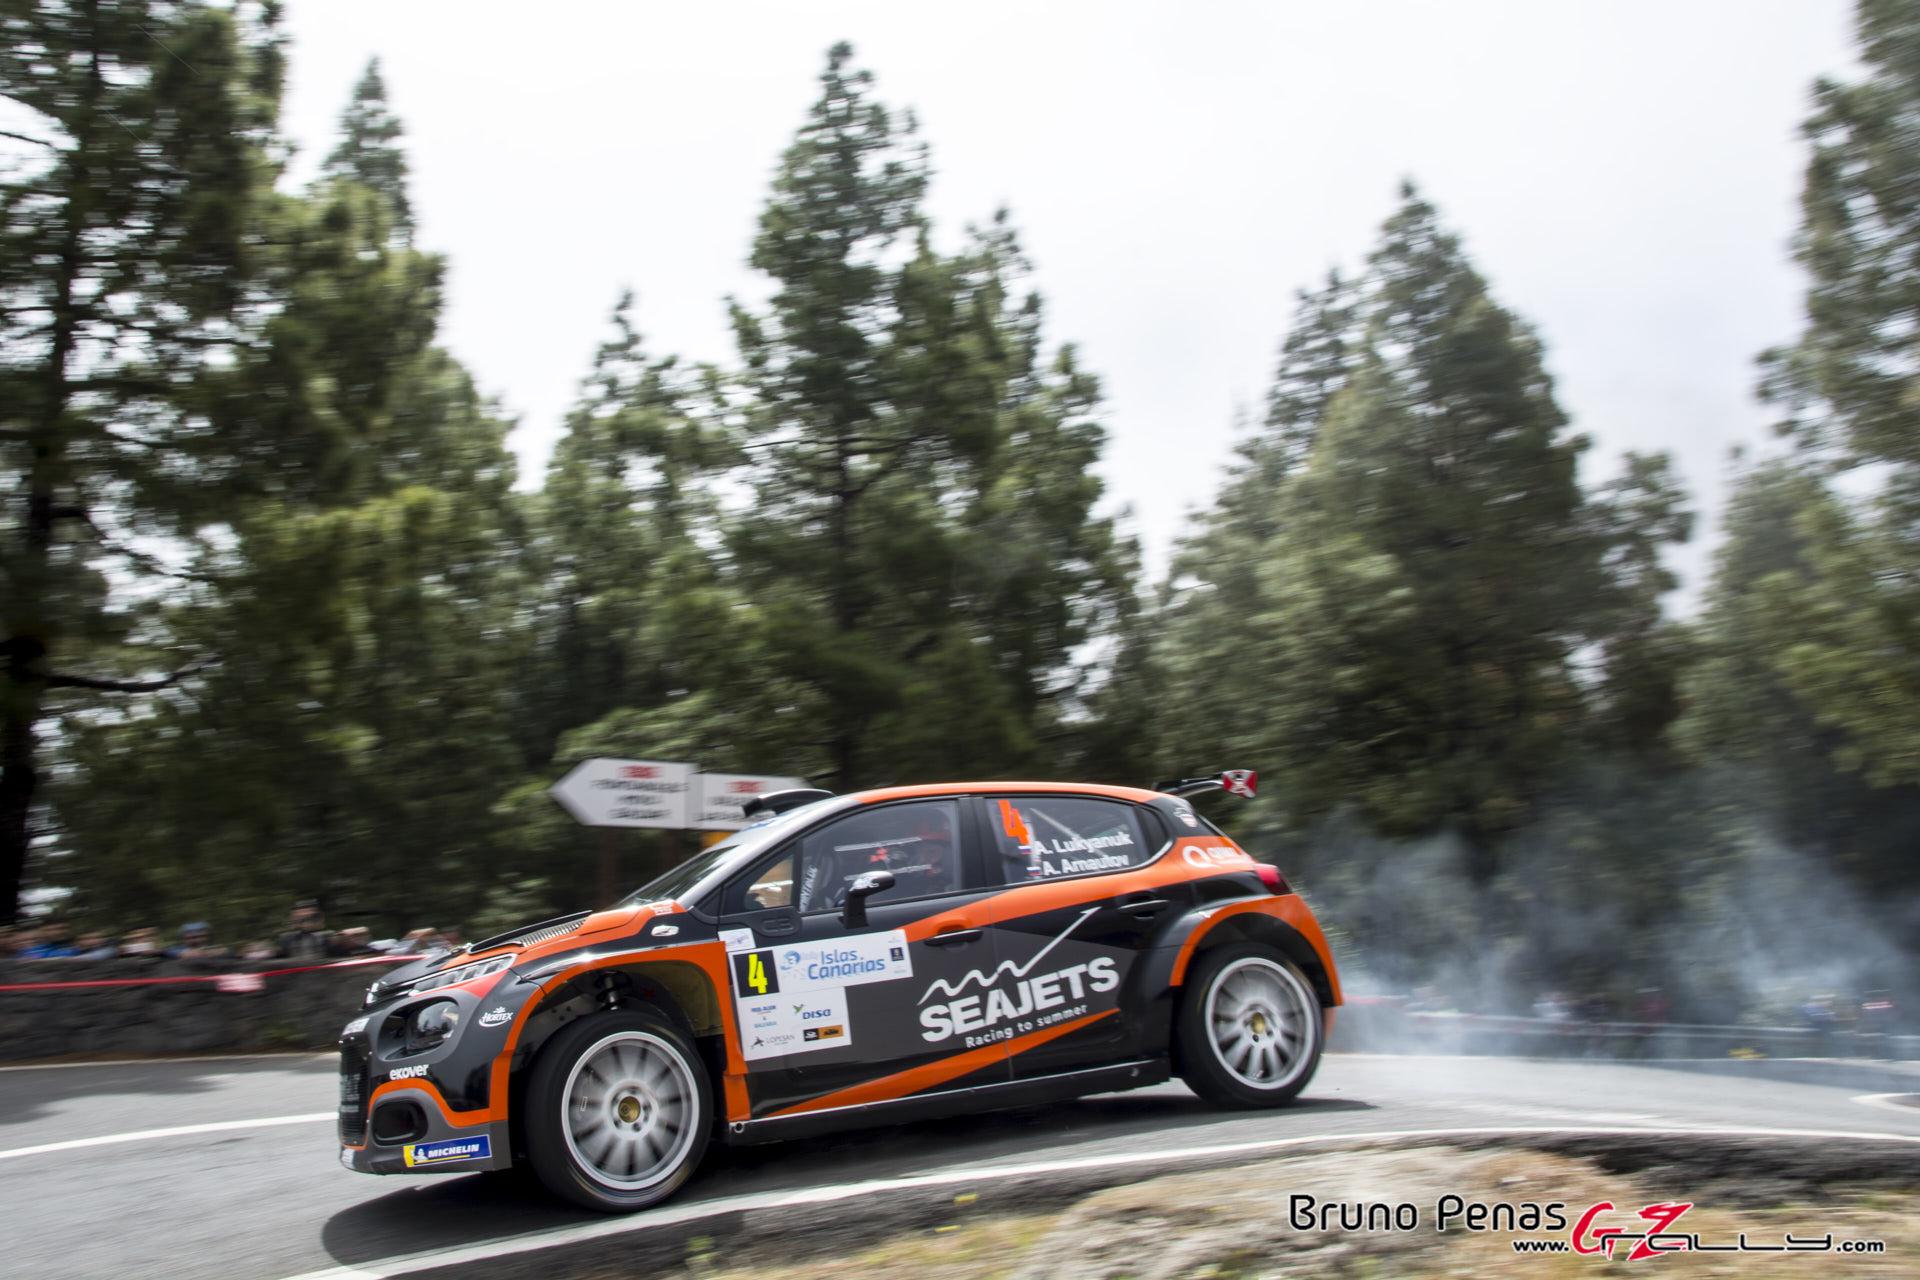 Rally Islas Canaris 2019 - Bruno Penas